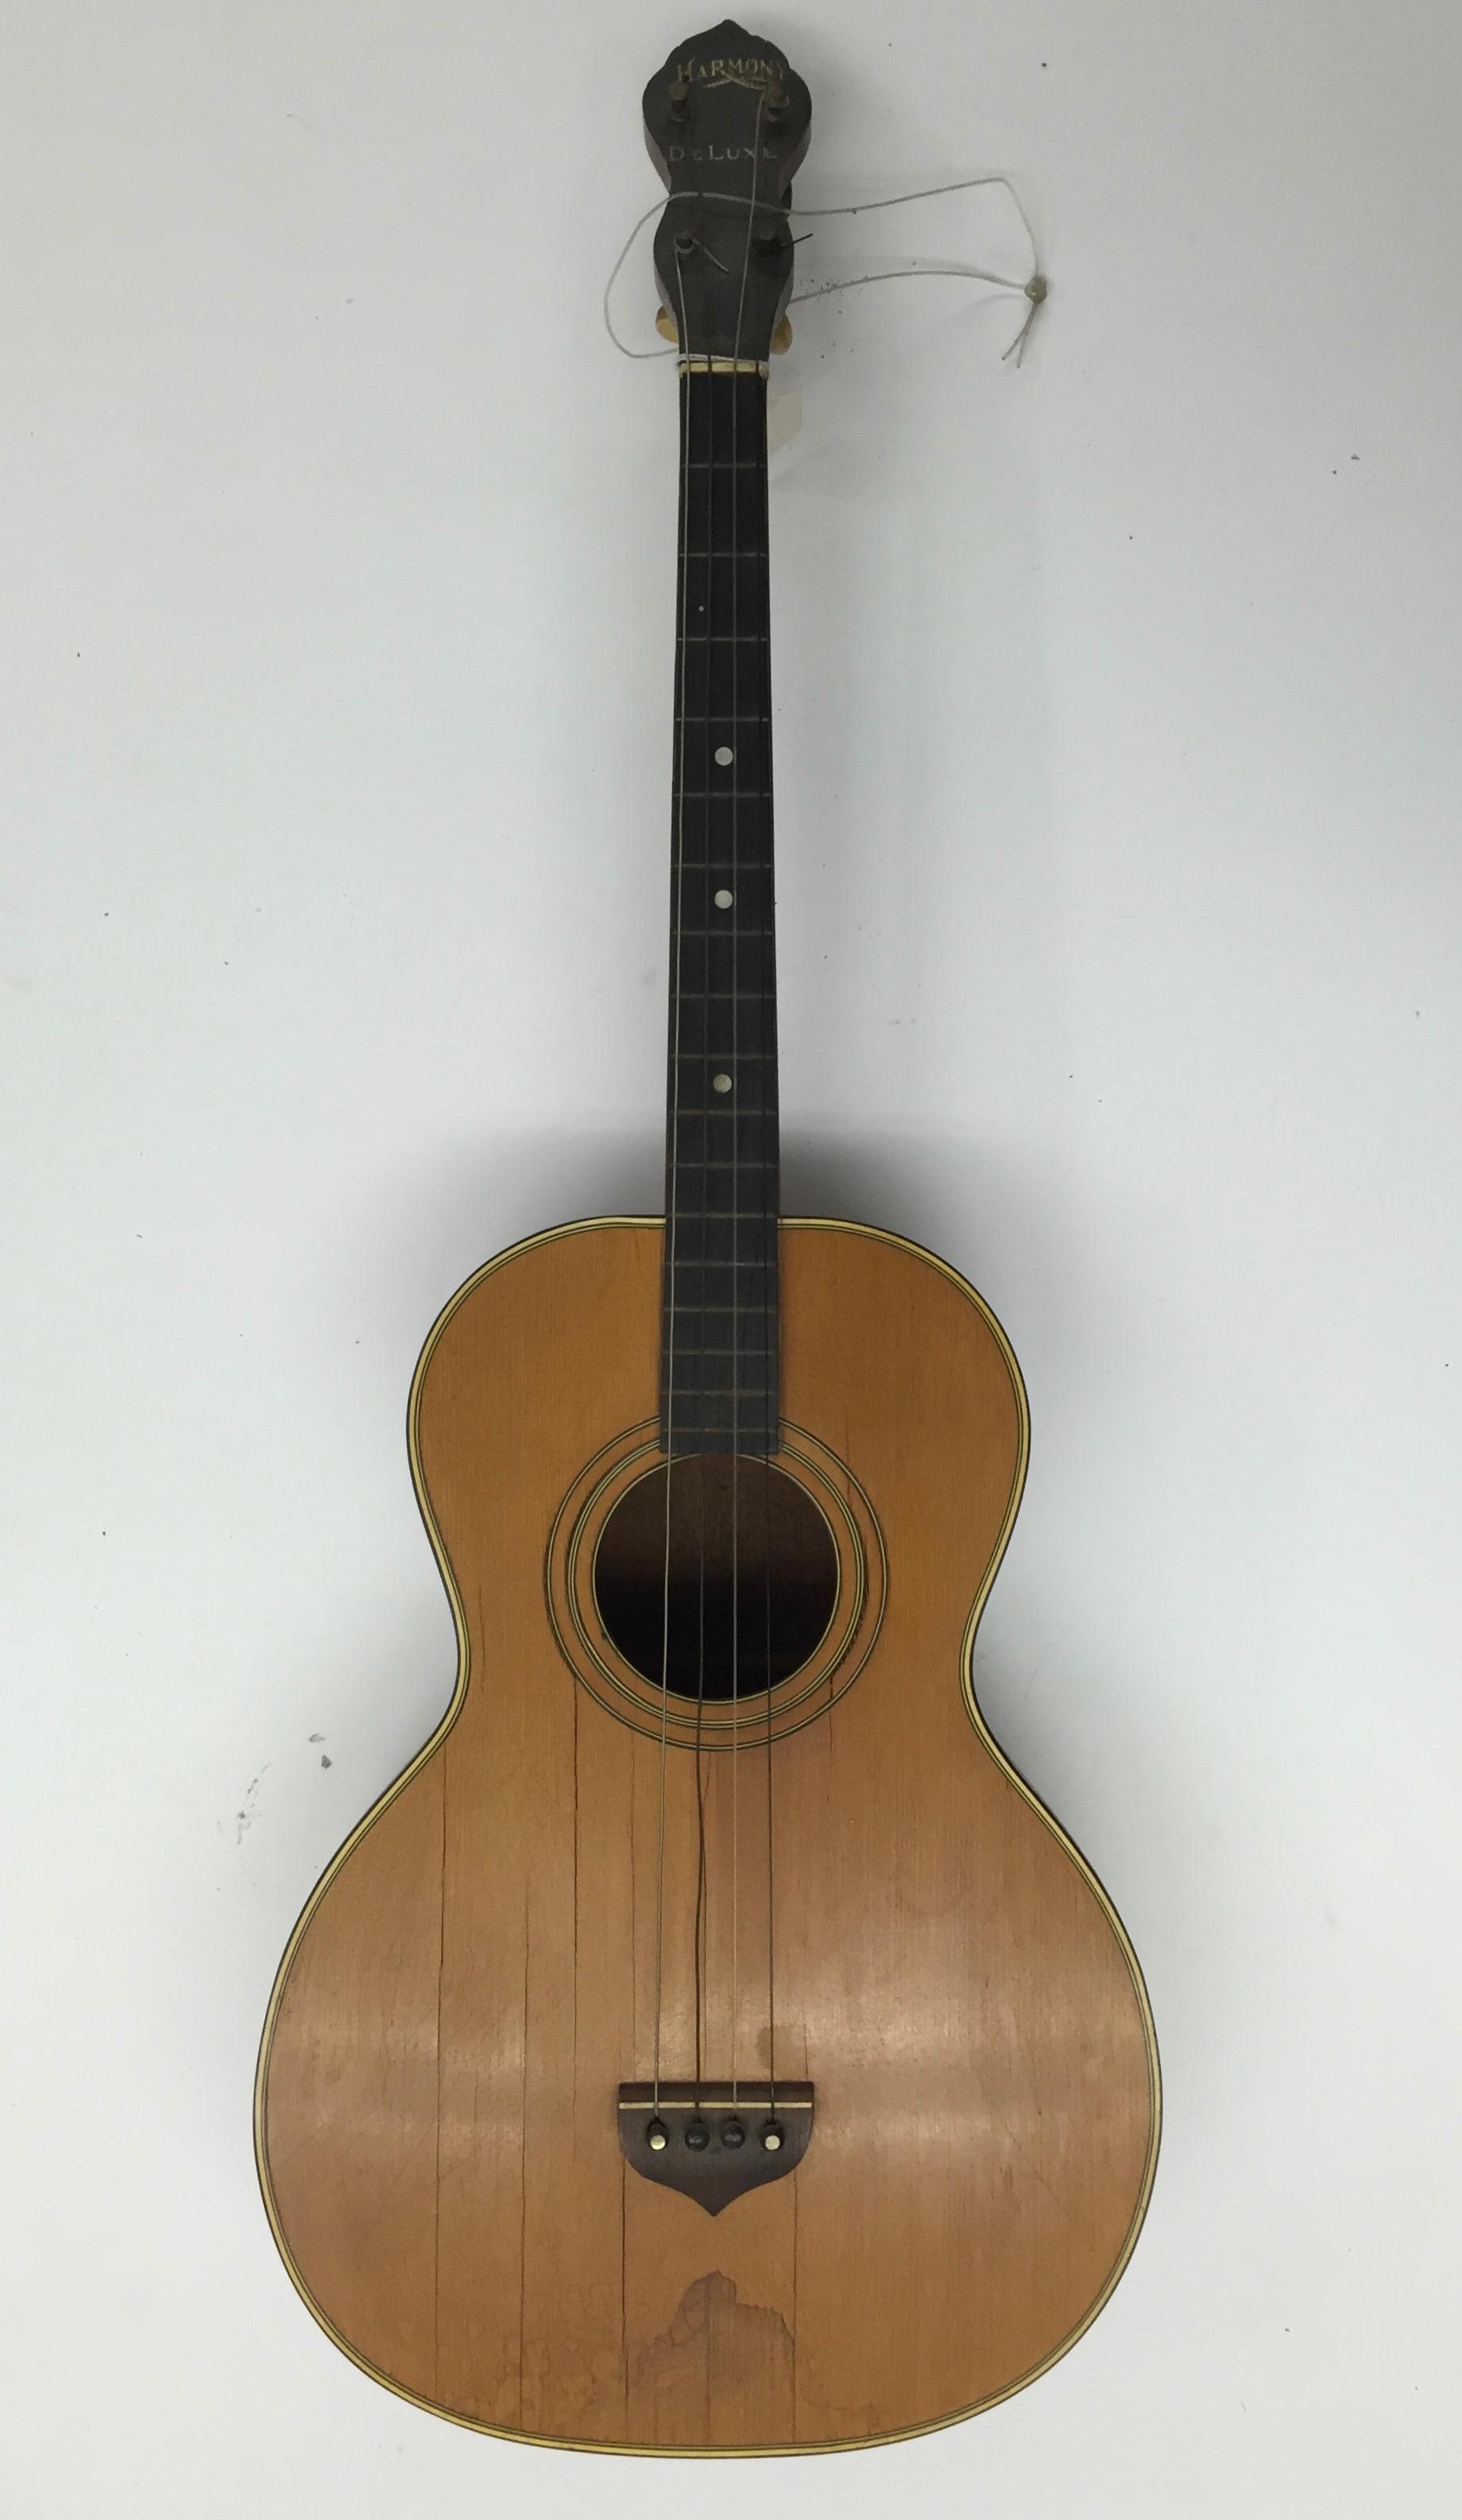 Harmony baritone mandolin, shaped like guitar, ca. 1920